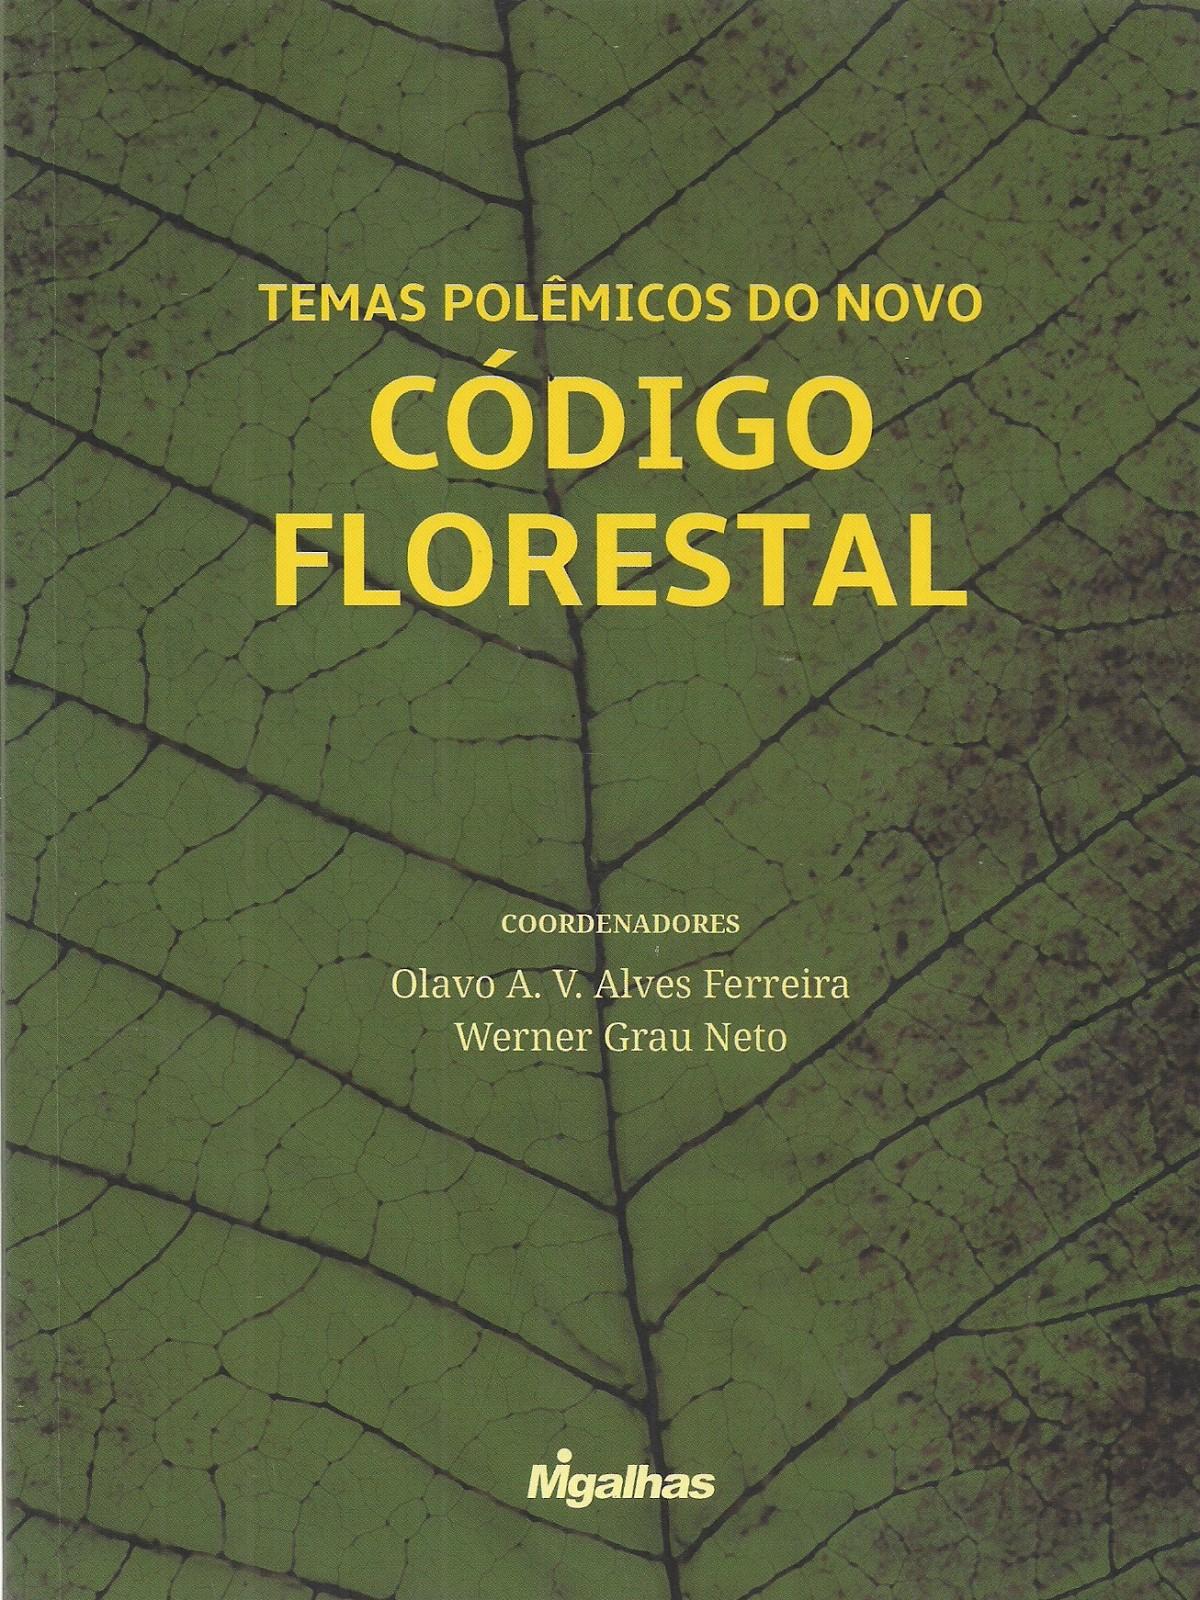 Foto 1 - Temas Polêmicos do Novo Código Florestal